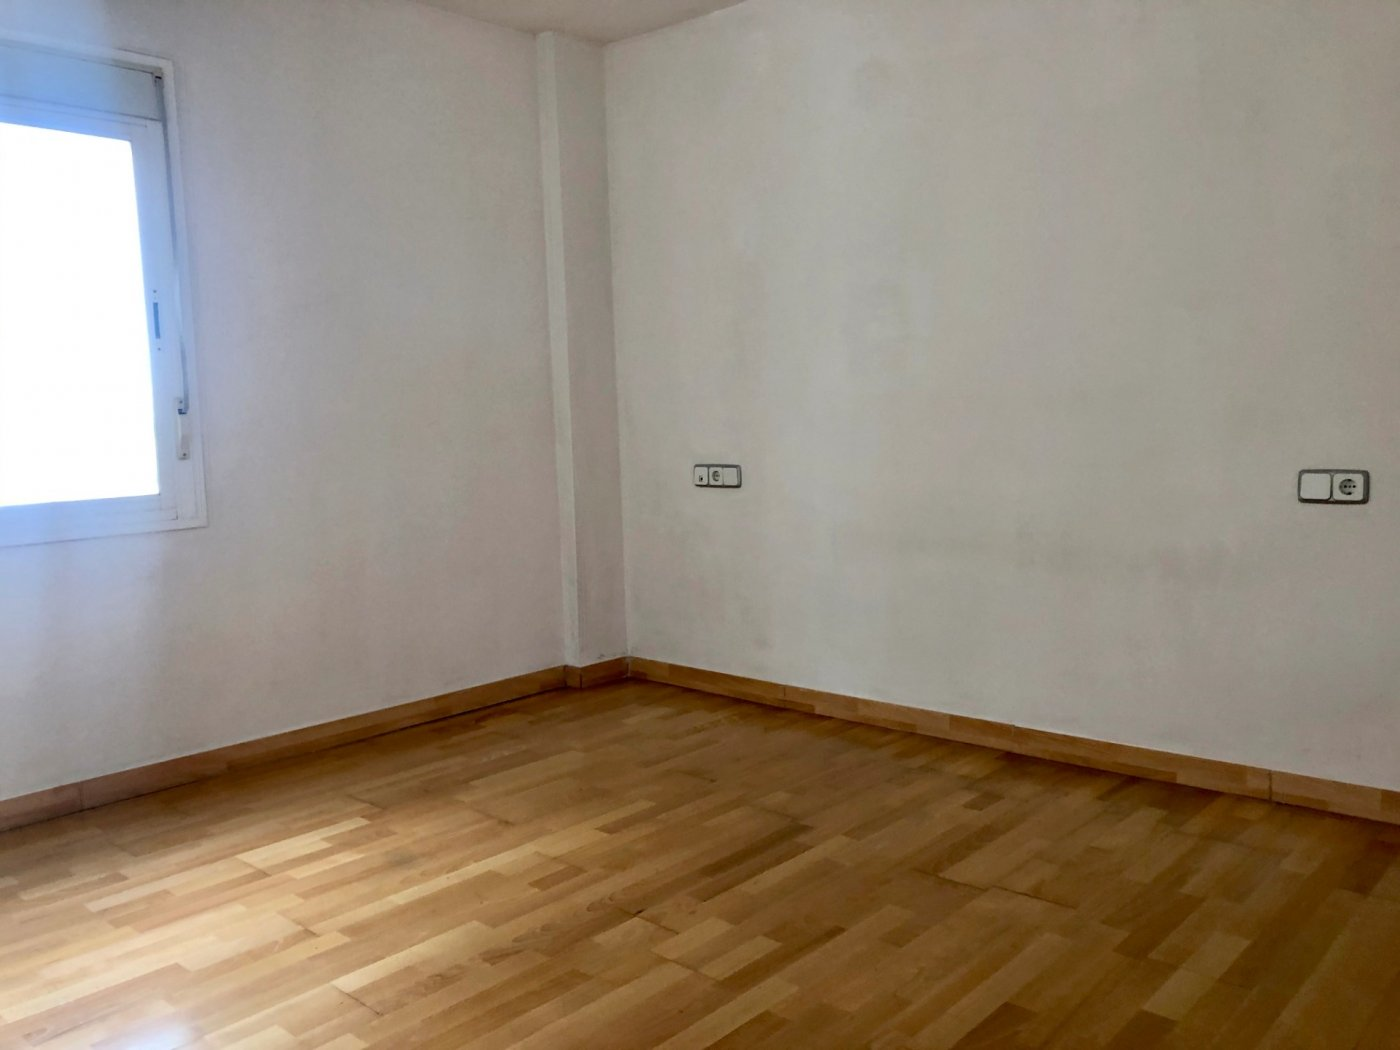 Coqueto piso de 2 dormitorios con plaza de aparcamiento en la vileta - precio: 800?/mes - imagenInmueble10